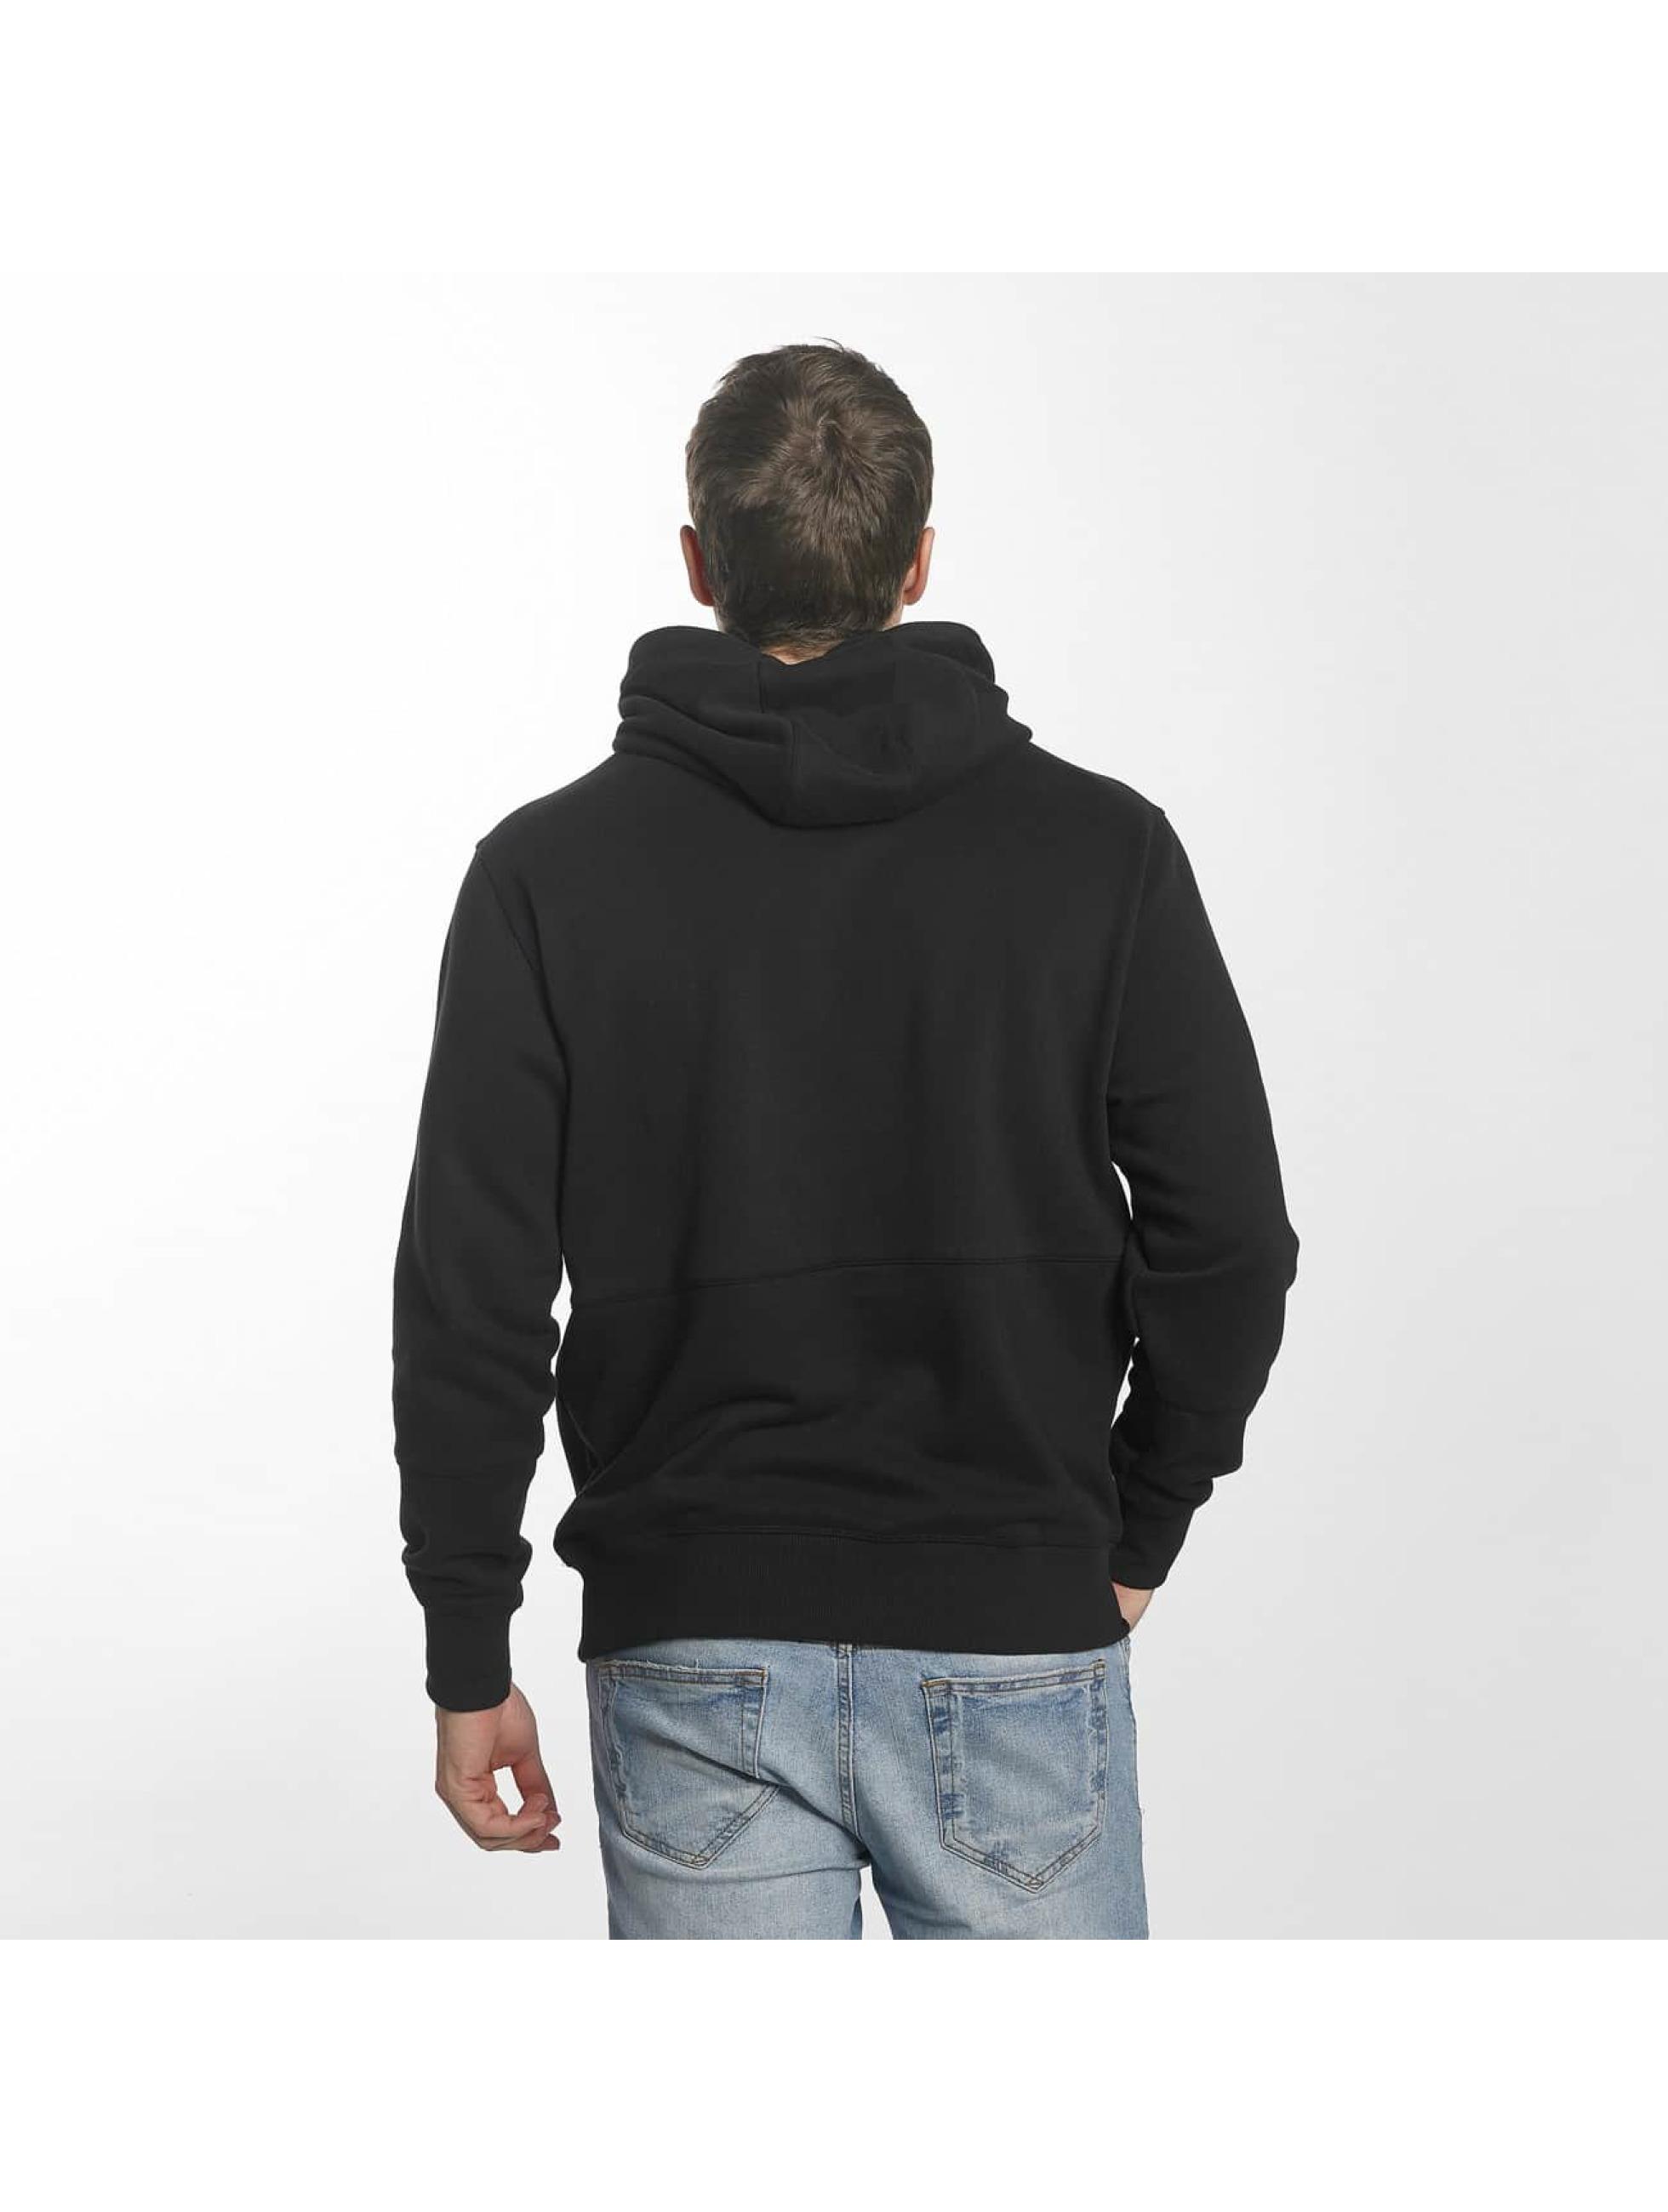 New Balance Hoody MT81557 Essentials schwarz